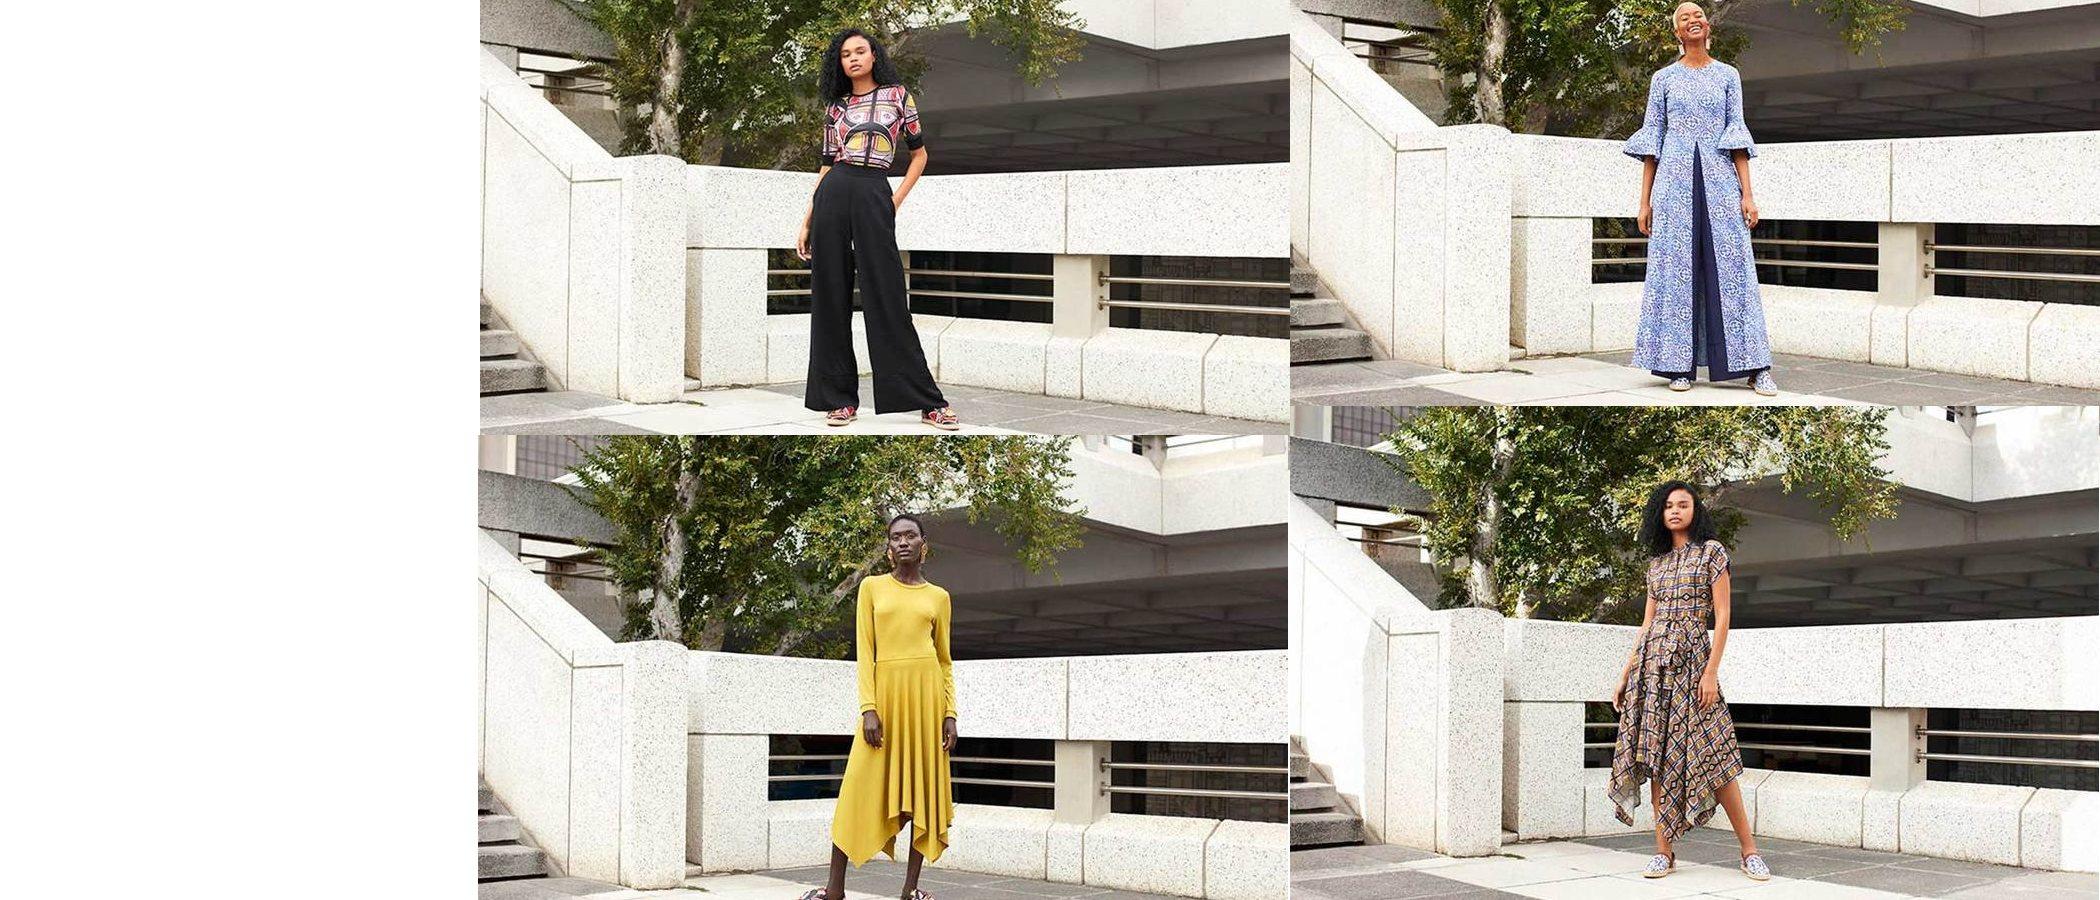 Mantsho, la primera marca africana en colaborar con H&M tras las polémicas raciales